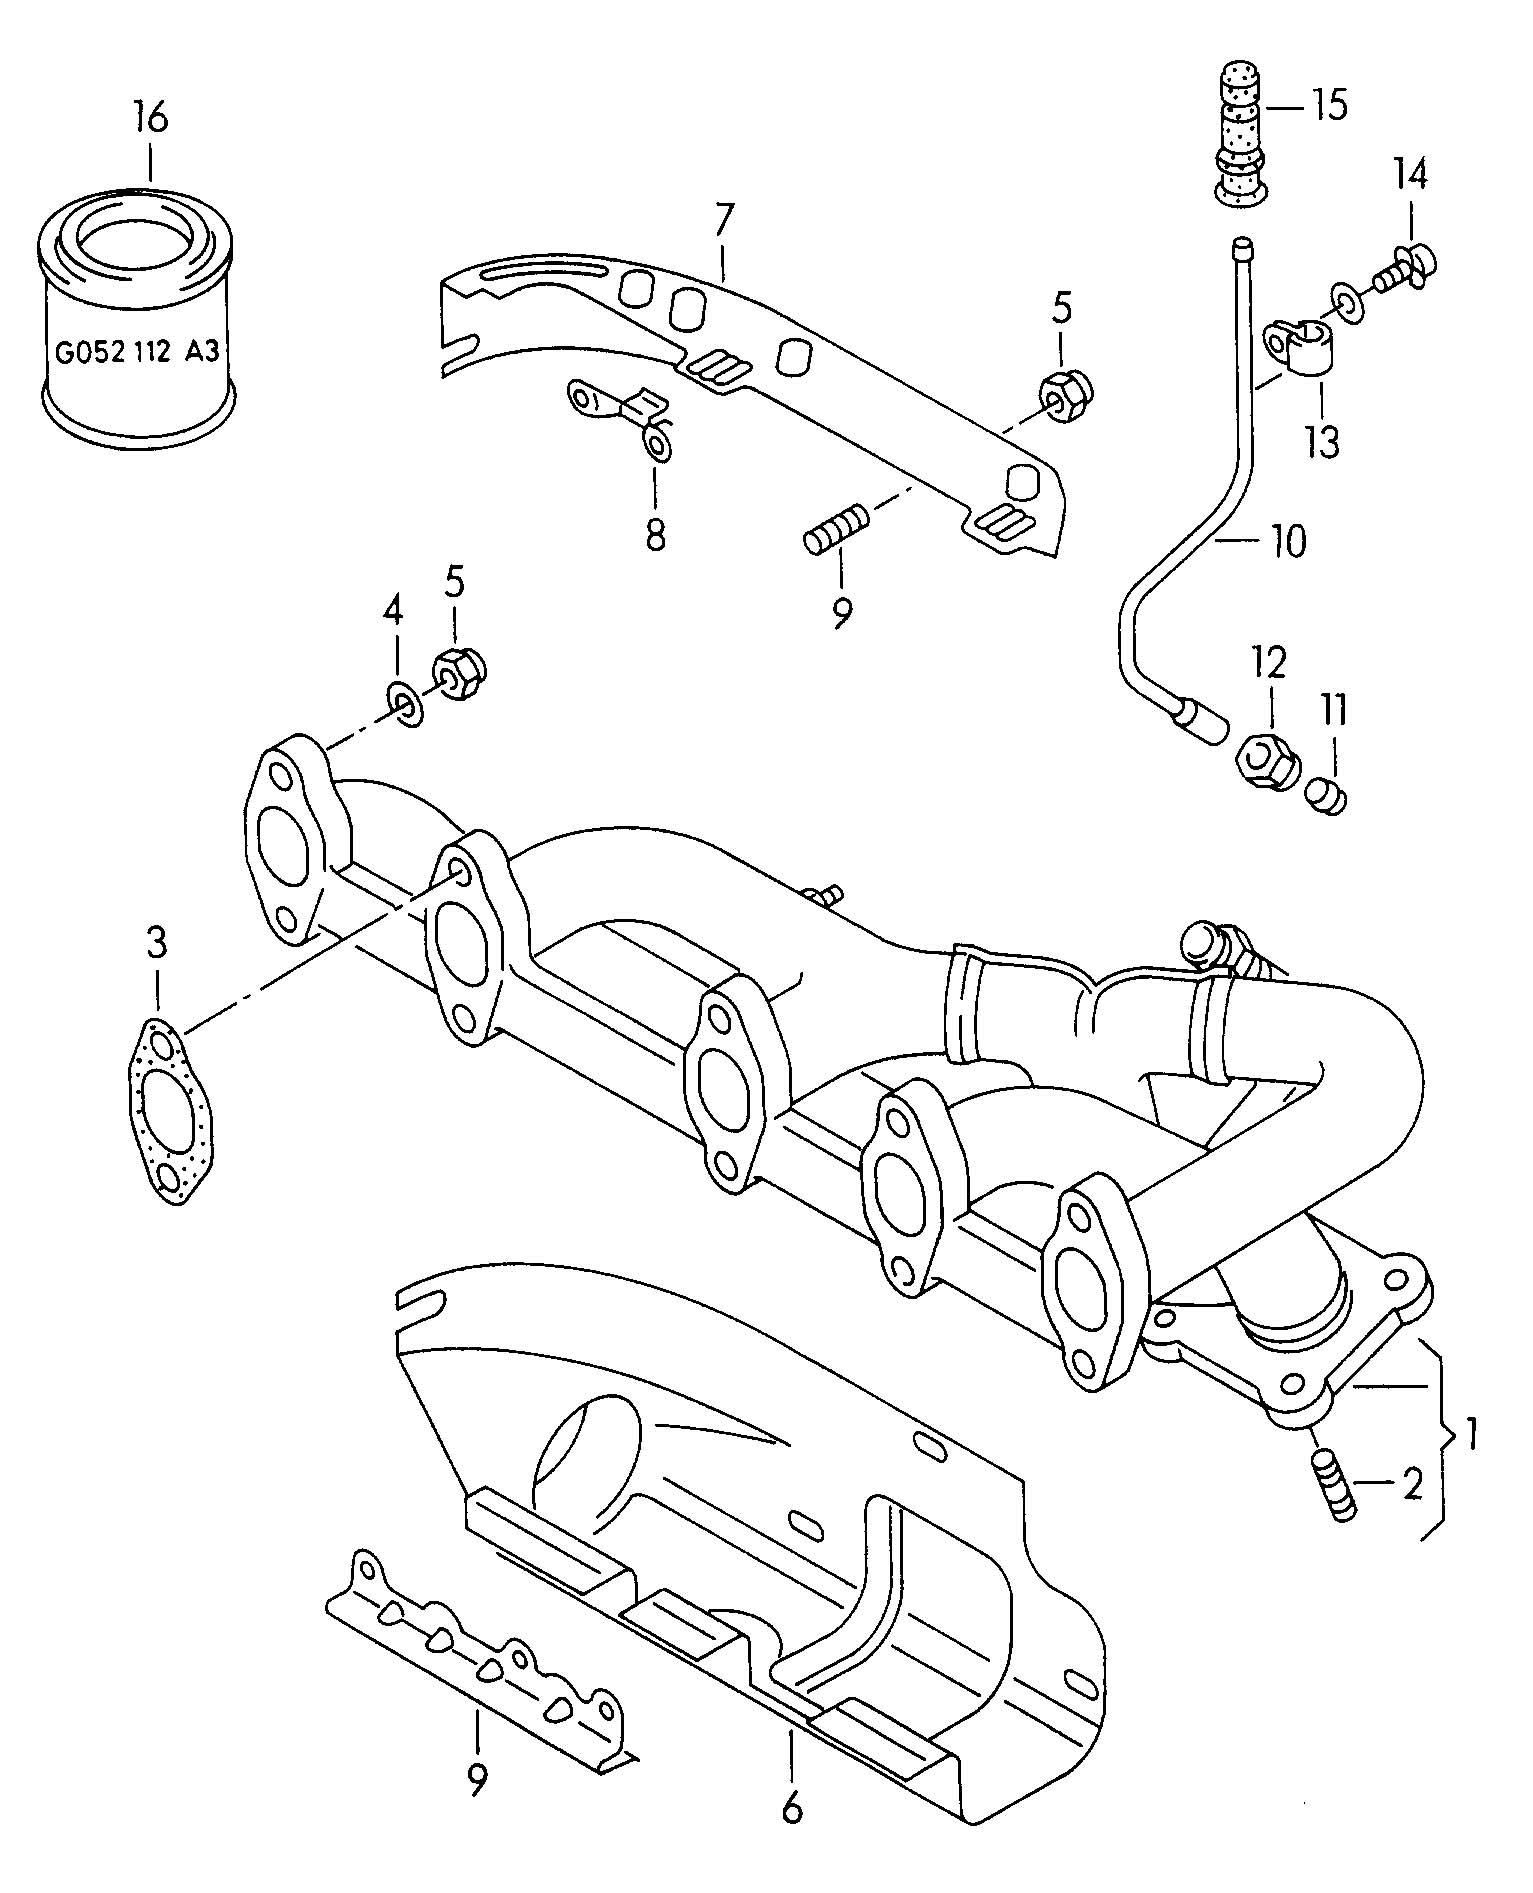 2002 isuzu trooper exhaust system